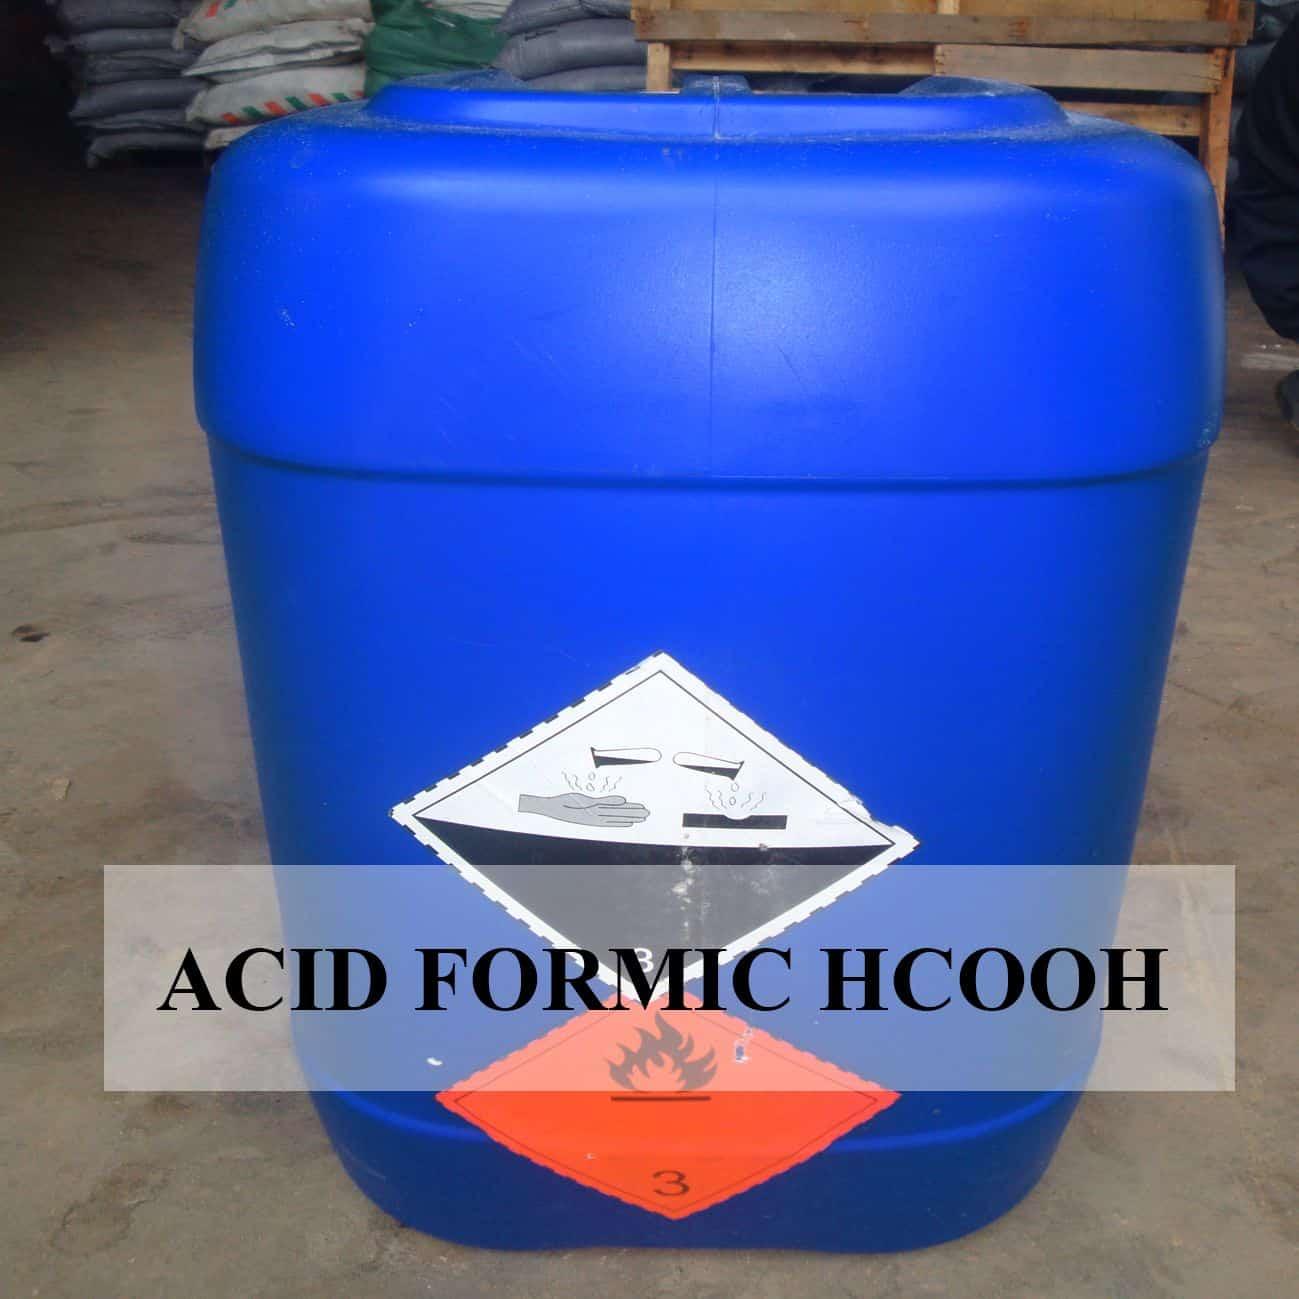 mua Axit Formic tinh khiết giá Axit Formic công nghiệp làm Acid Formic bán Formic Acid uy tín cung cấp Axit Formic giá rẻ nhập khẩu Axit Formic sản xuất Axit Formic nhà cung cấp Axit Formic nhu cầu Axit Formic ở đâu bán Axit Formic bán buôn Axit Formic phân phối HCOOH đại lý Acid Formic HCOOH bán ở đâu hóa chất Acid Formic mua ở đâu Formic Acid là gì Formic Acid giá bao nhiêu Formic Acid bao nhiêu tiền Axit Formic có tác dụng gì Axit Formic dùng để làm gì giá Axit Formic nhập khẩu bán Axit Formic giá tốt mua Axit Formic ở đâu địa chỉ mua Axit Formic